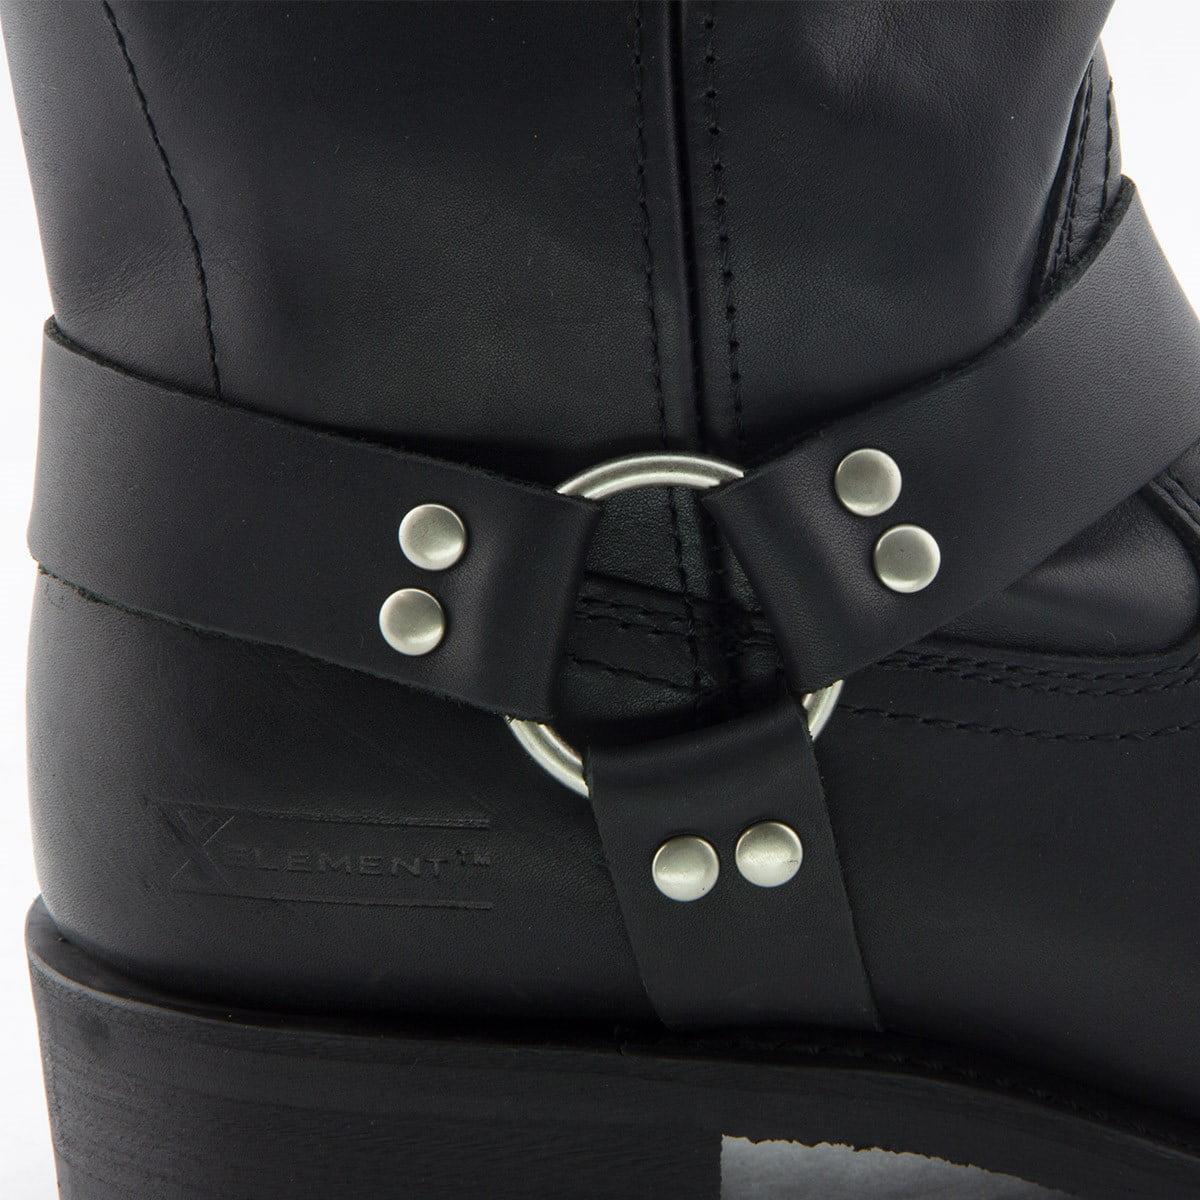 cda22a3e60b Xelement 1442 Classic Mens Black Harness Motorcycle Biker Boots -  Walmart.com